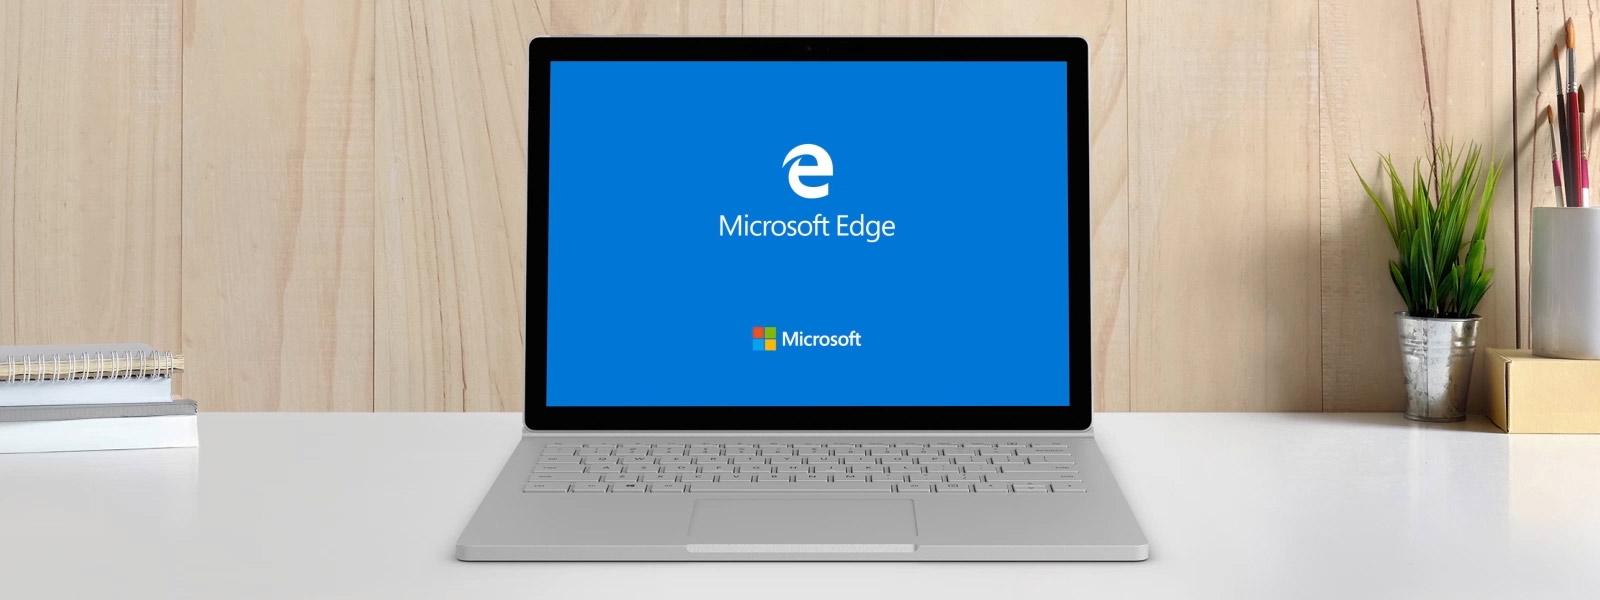 gør Microsoft Edge hurtig og sikker Microsoft Edge